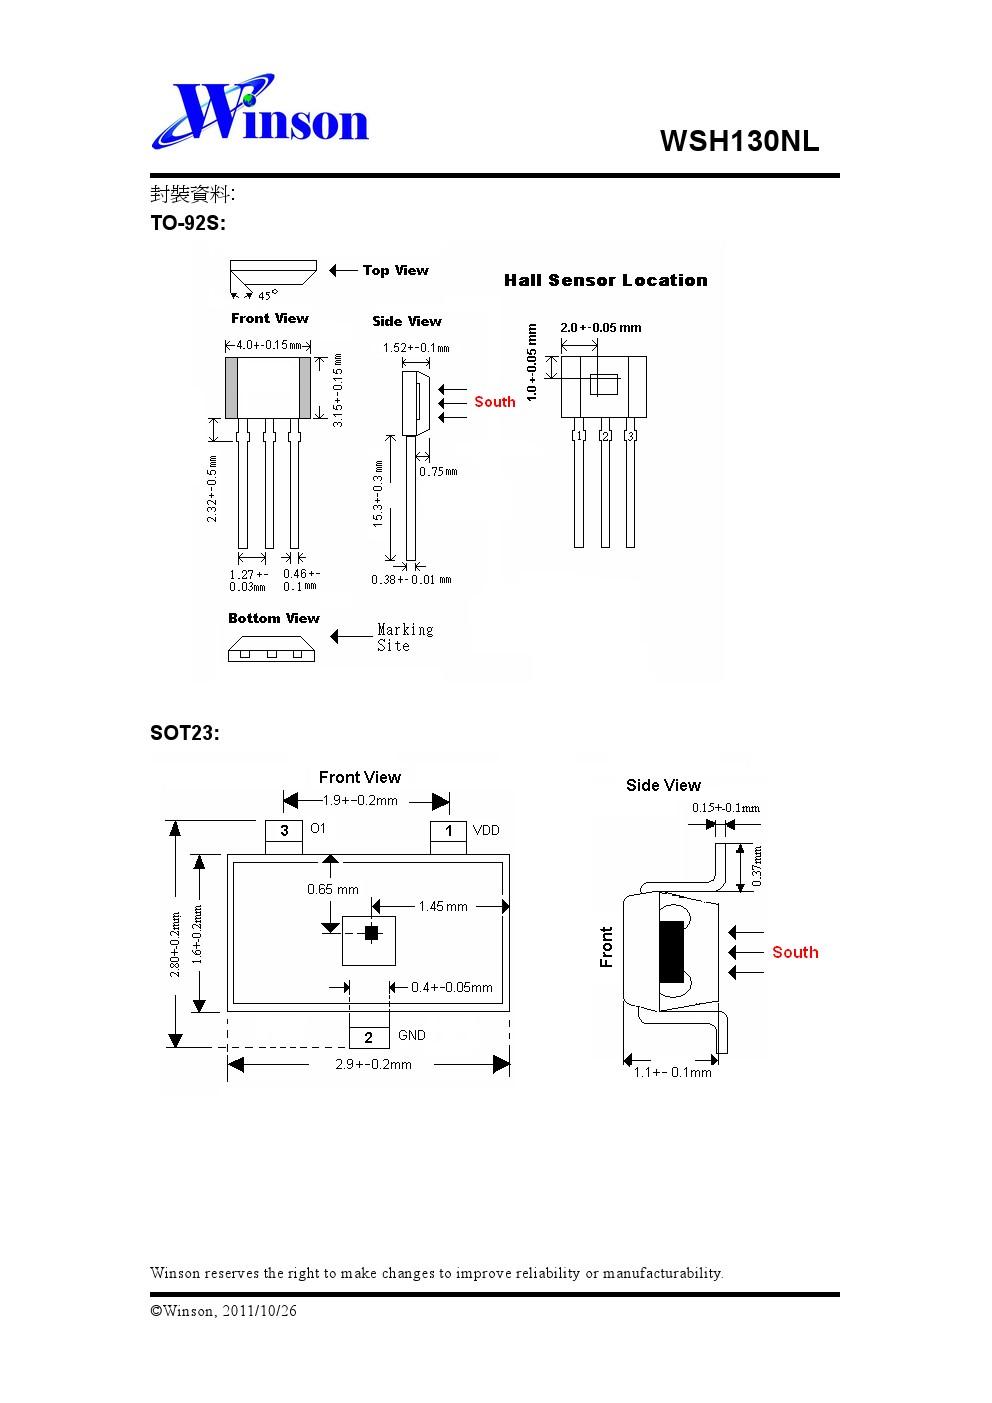 育升半导体股份有限公司成立于西元1998年11月,公司设立在台湾矽谷-新竹,是一家专业的积体电路设计公司。育升半导体目前主要是提供各种霍尔感应IC的解决方案,其主要应用于无刷马达、磁感开关,磁场量测以及 ...[详细]